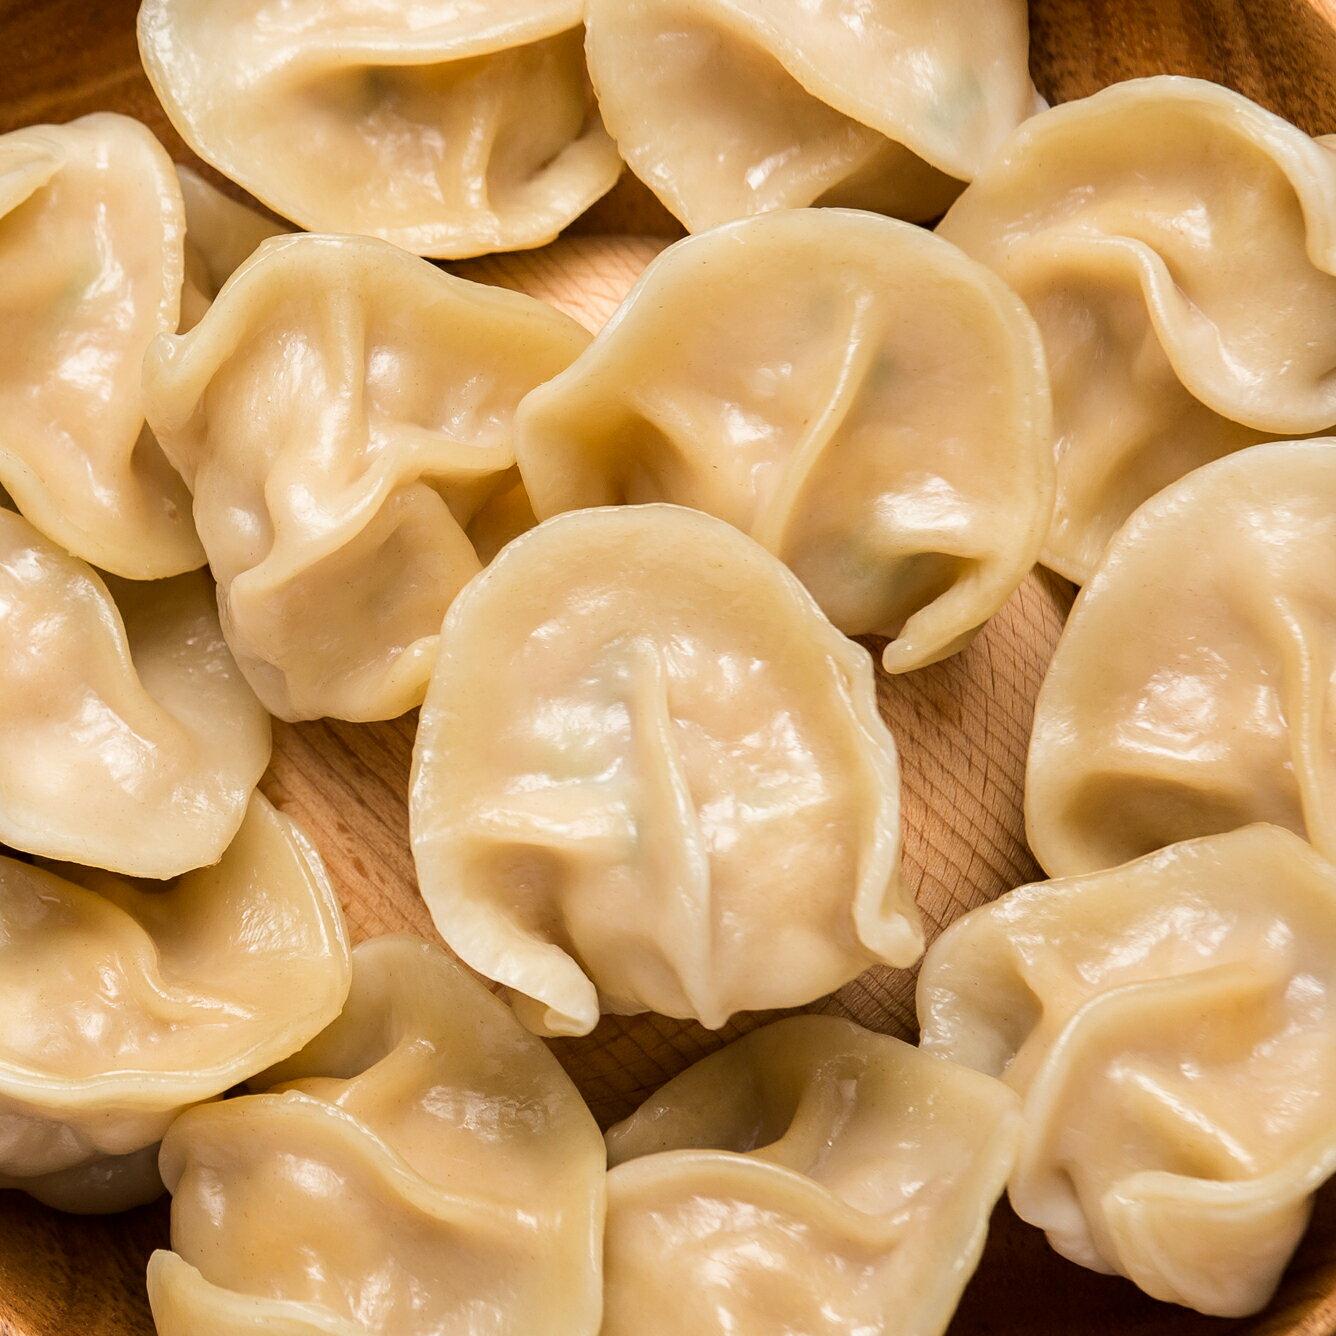 ★朱記手工水餃★玉米鮮肉水餃★鮮甜可口★每盒20入★ 3